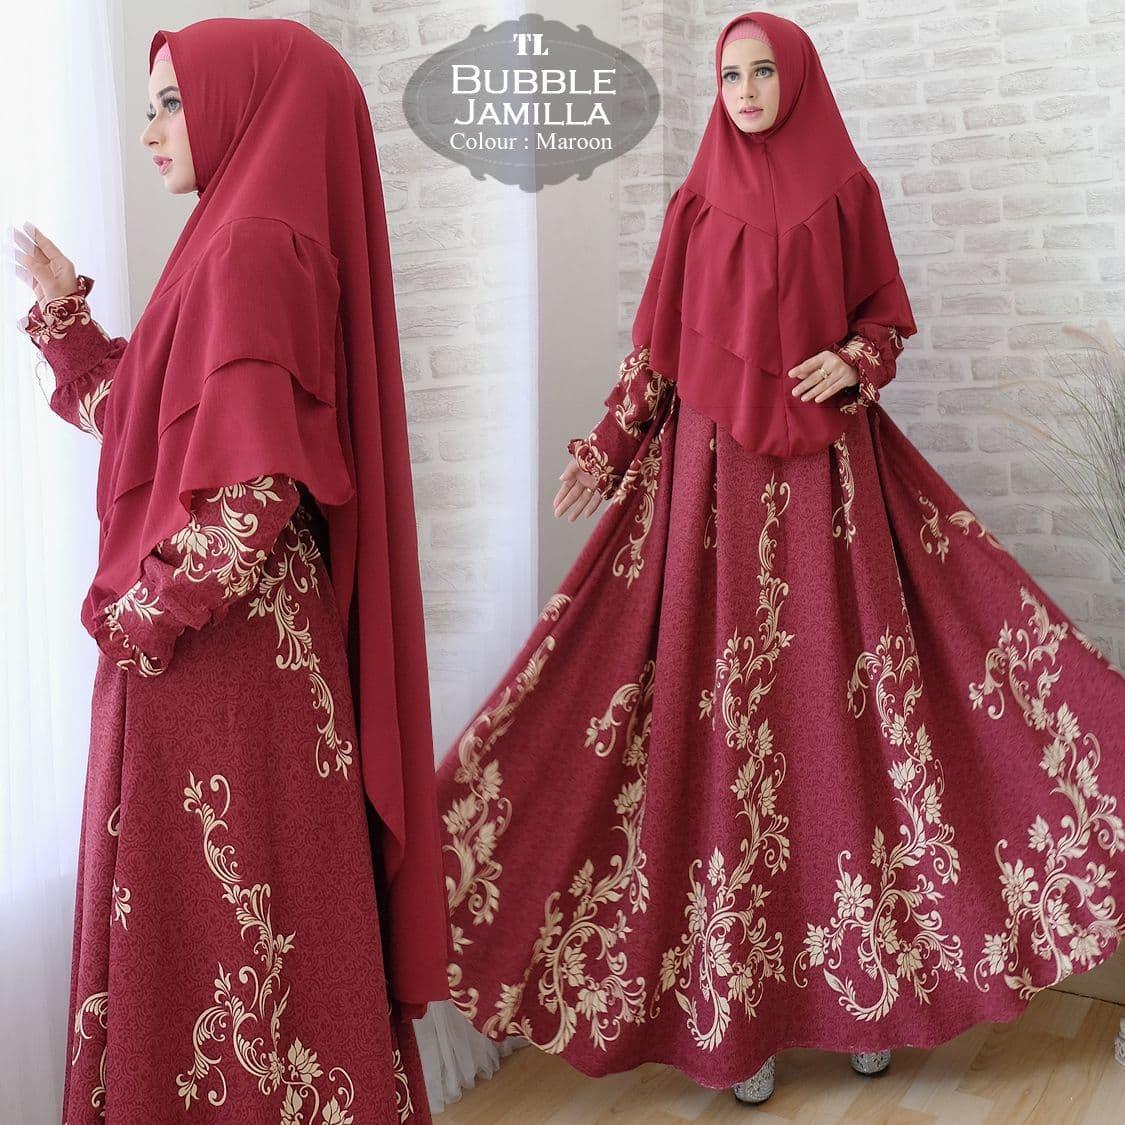 Syari Bubble Jamilla Maron TL gamis muslim wanita bubble maroon